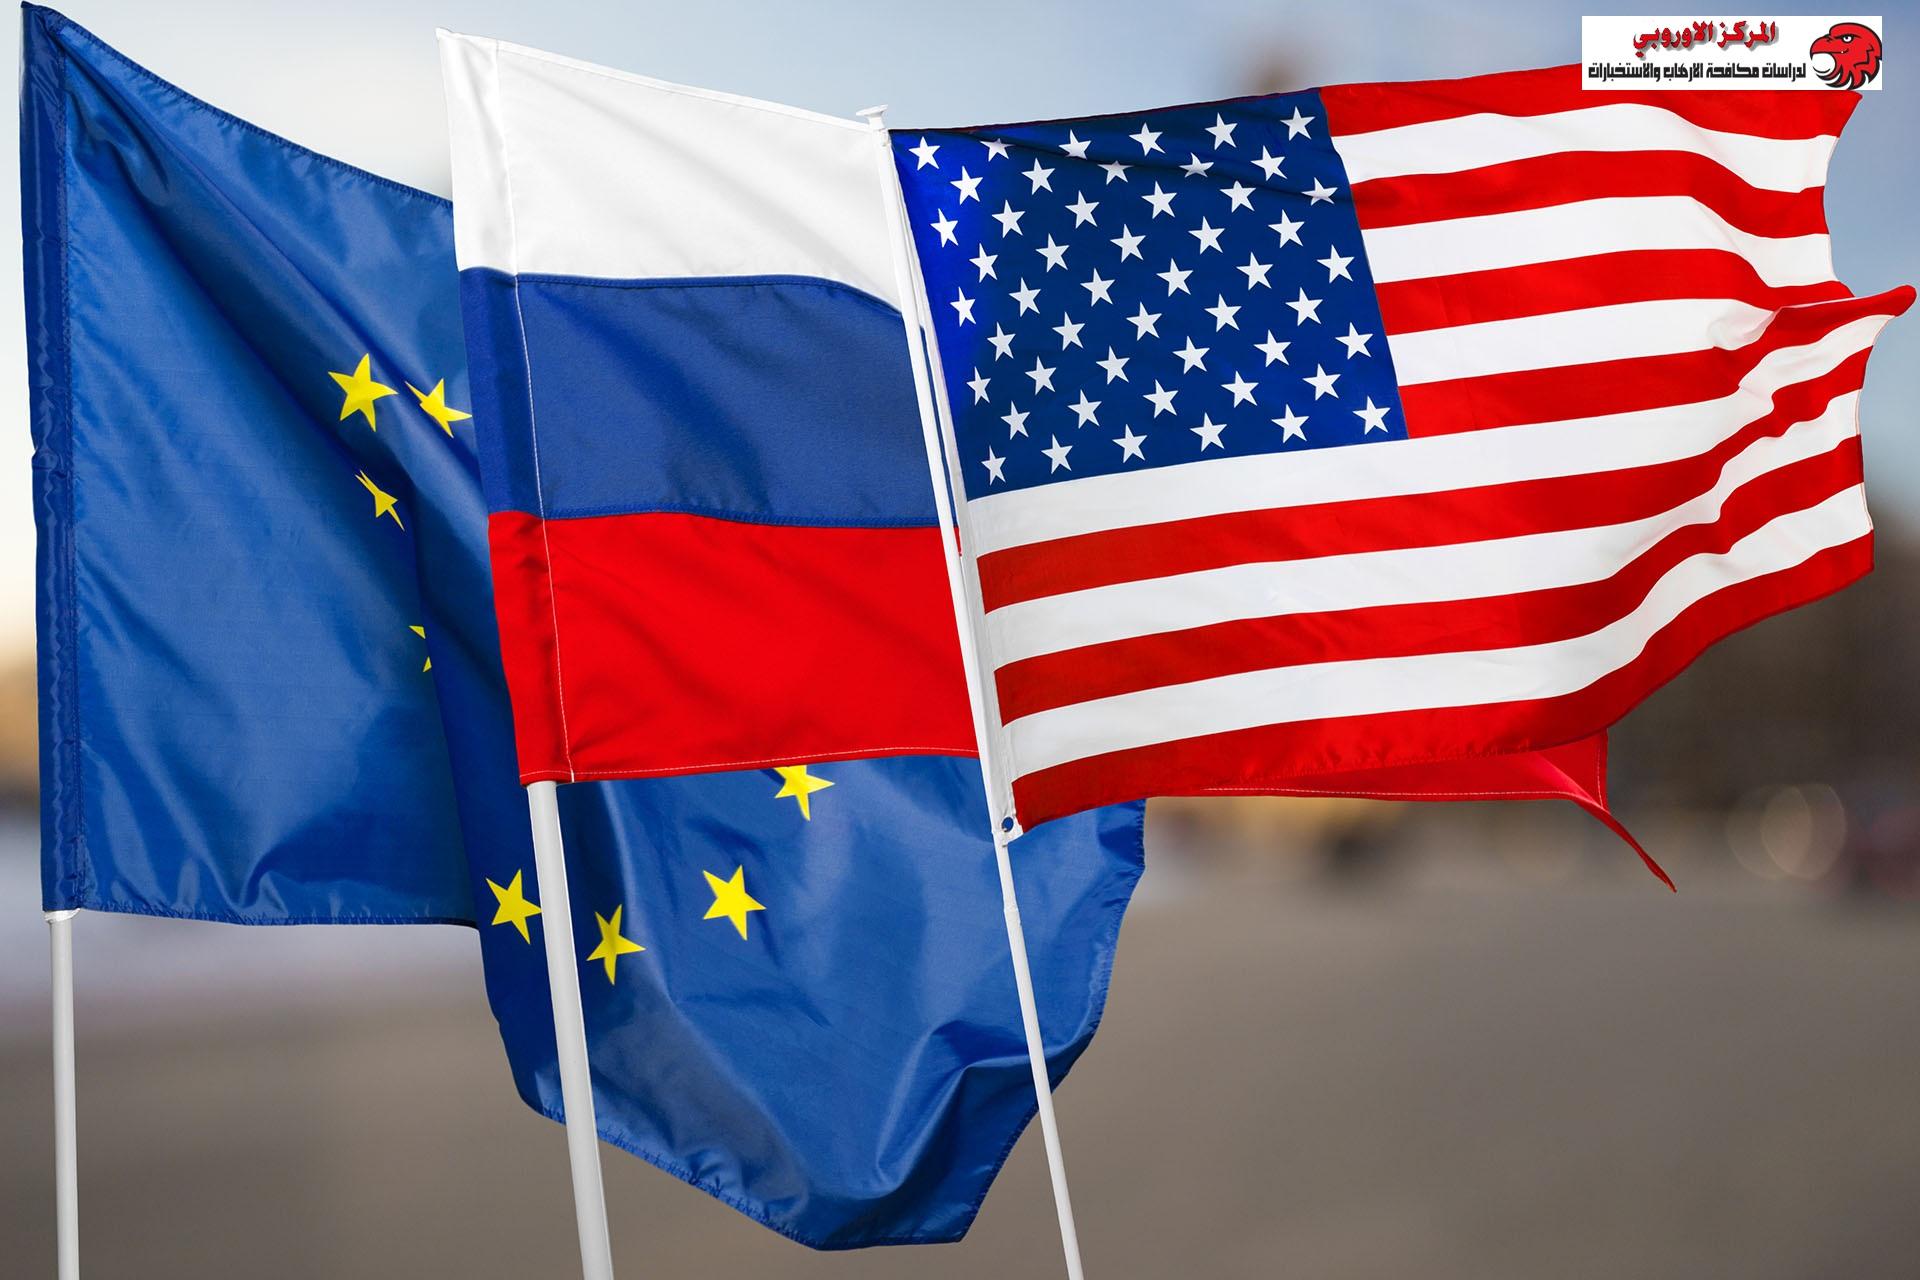 اهمية التعاون الأمني مابين موسكو و واشنطن ودول أوروبا